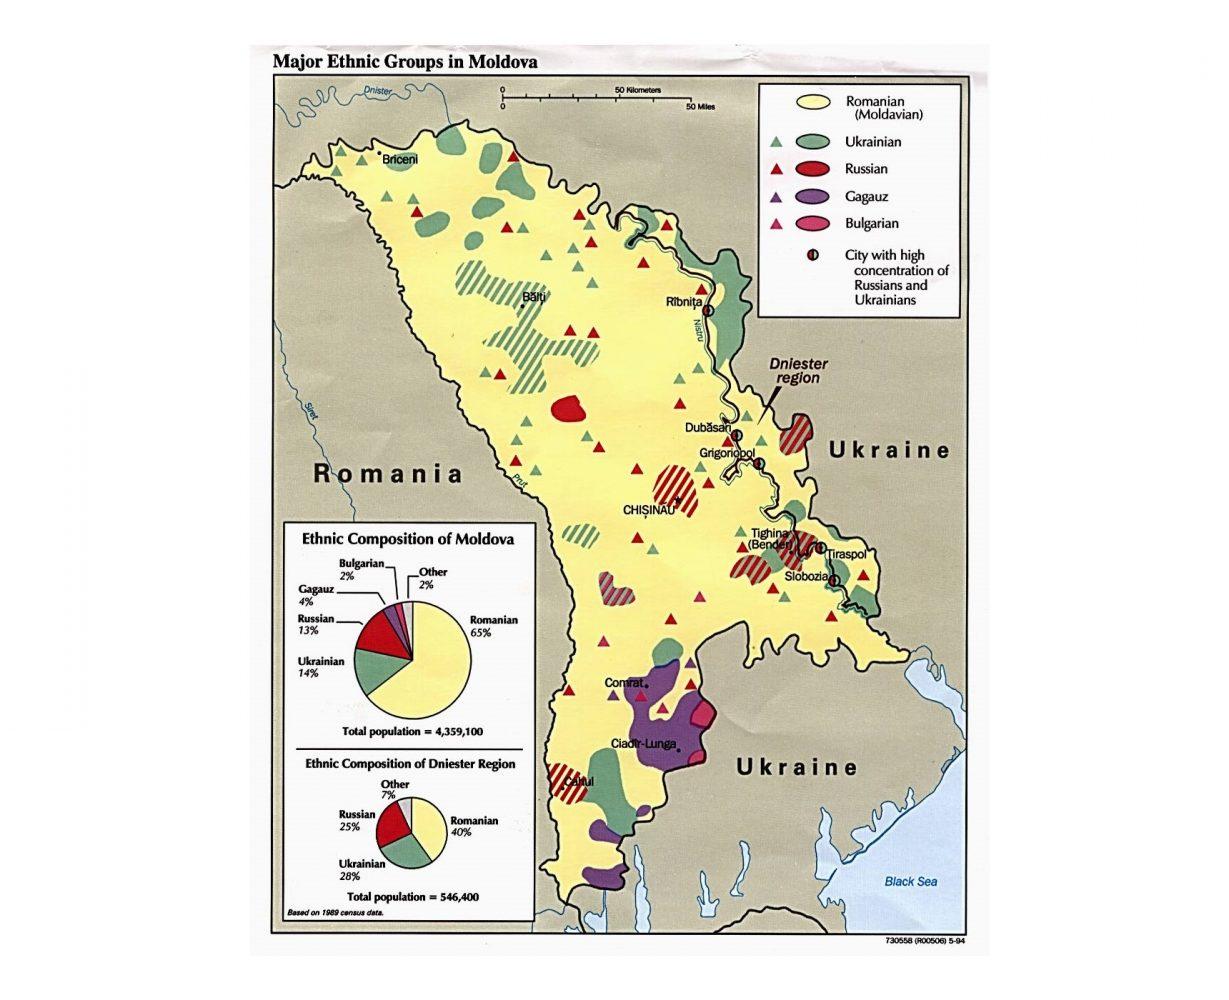 Strategia răsăriteană din politica externă a României și cea față de minoritățile rusofone din spațiul de interes național. Cazul Republicii Moldova